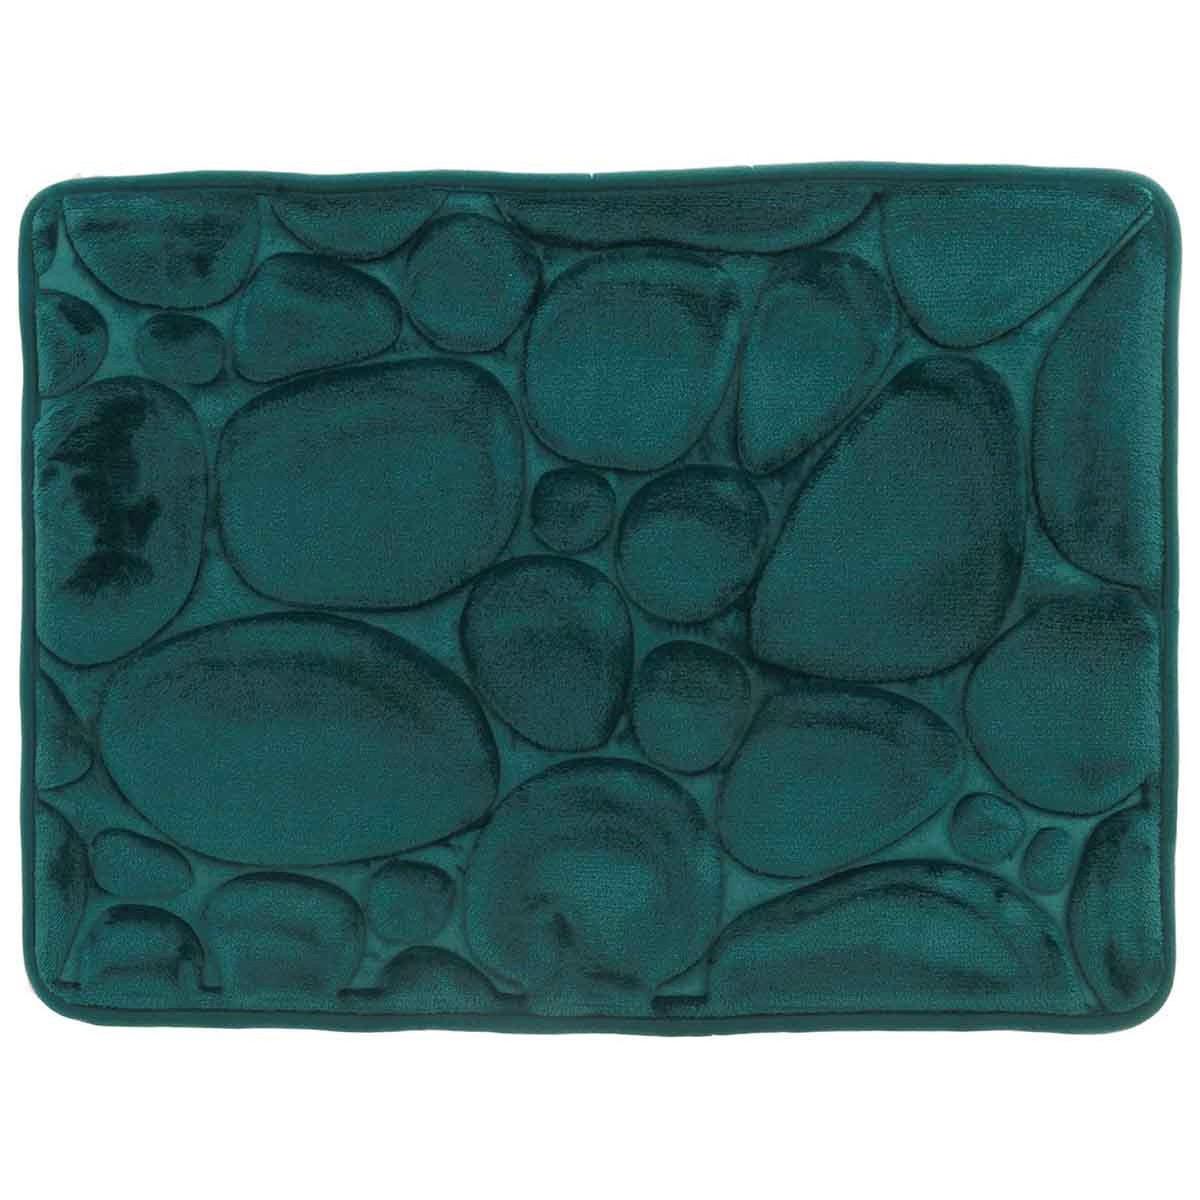 GALETS - Tapis de bain mémoire de forme  Petrol 43x61 cm